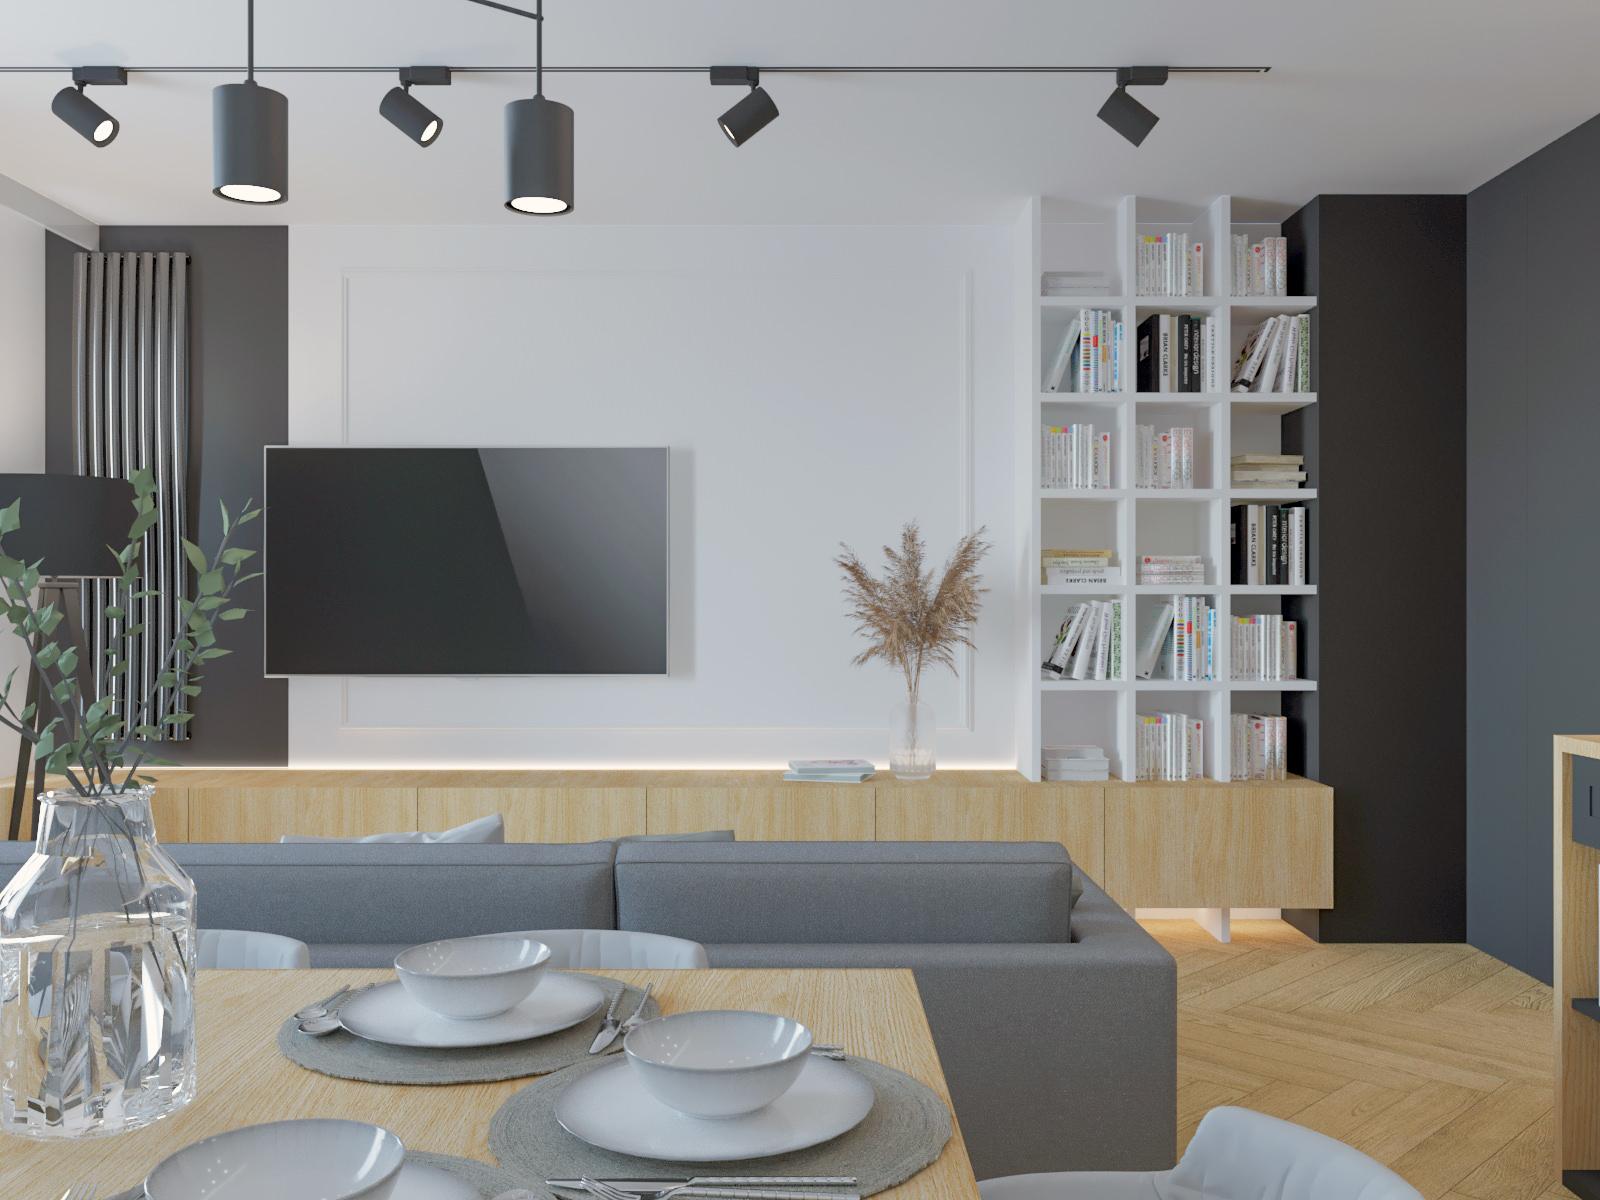 salon nowoczesny mieszkanie 3 pokoje